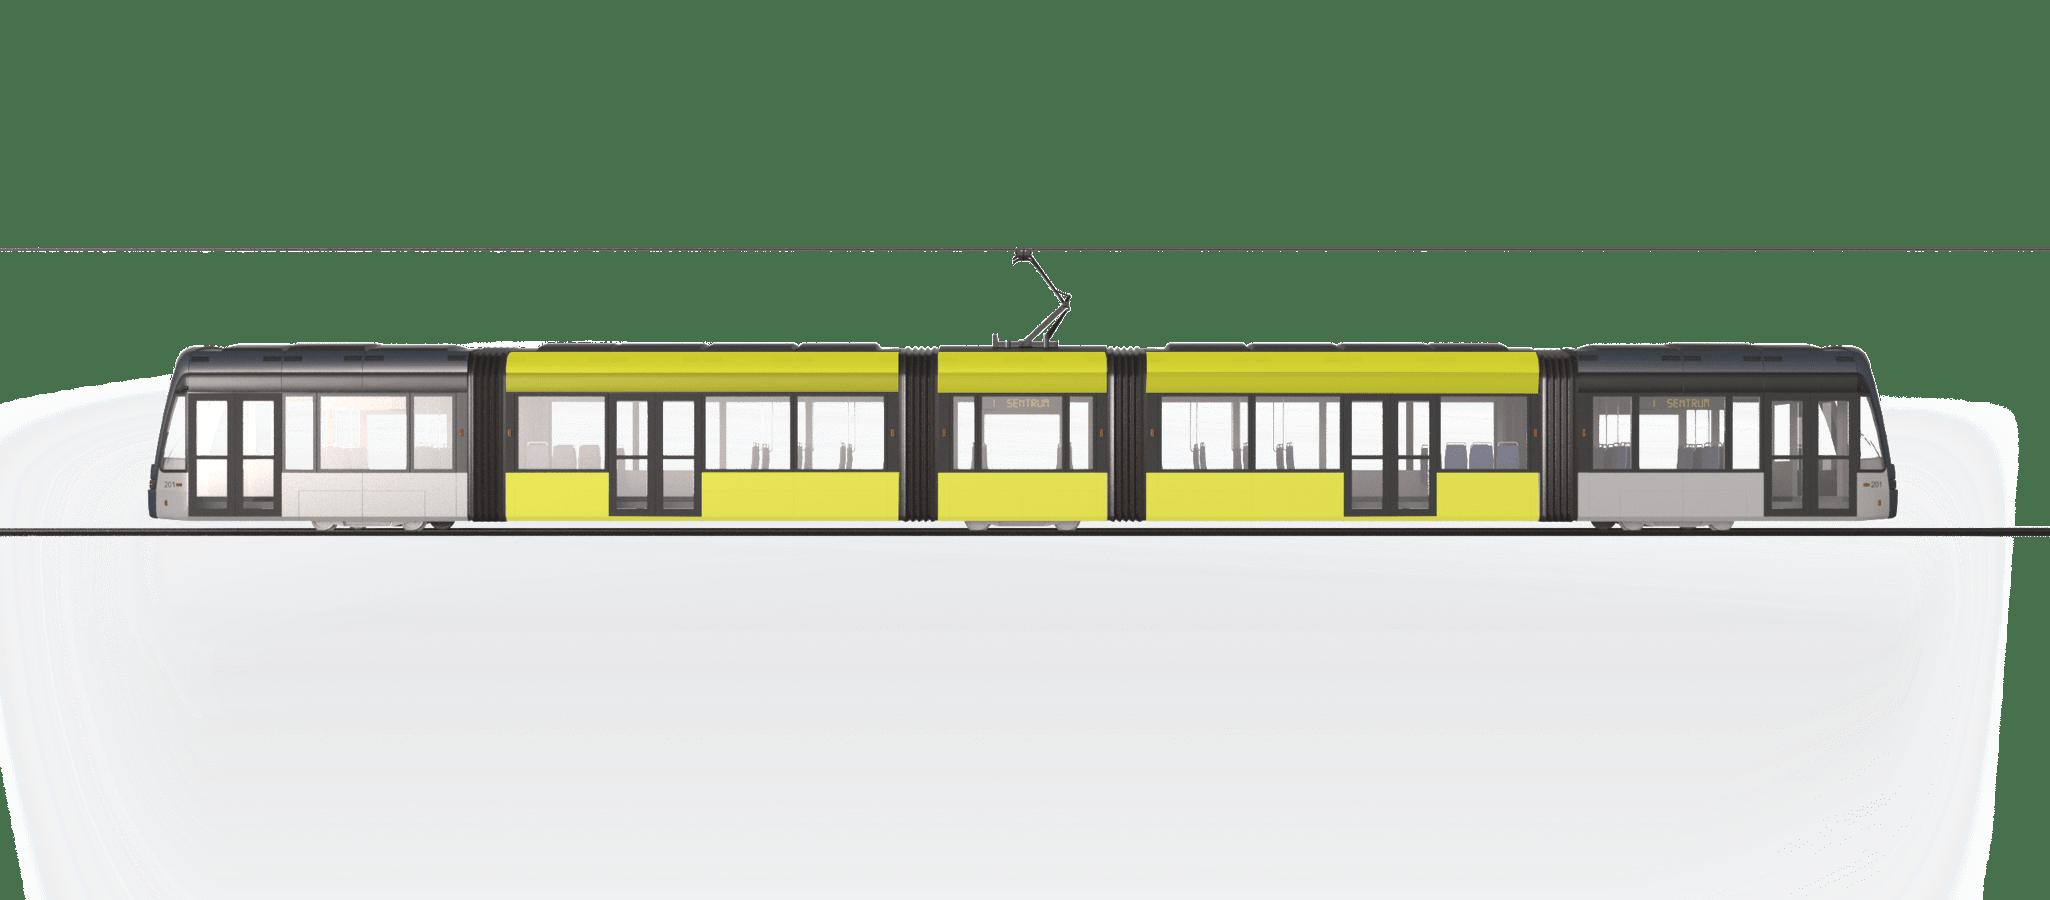 01_KWS-Bahnwerbung_Ganzgestaltung